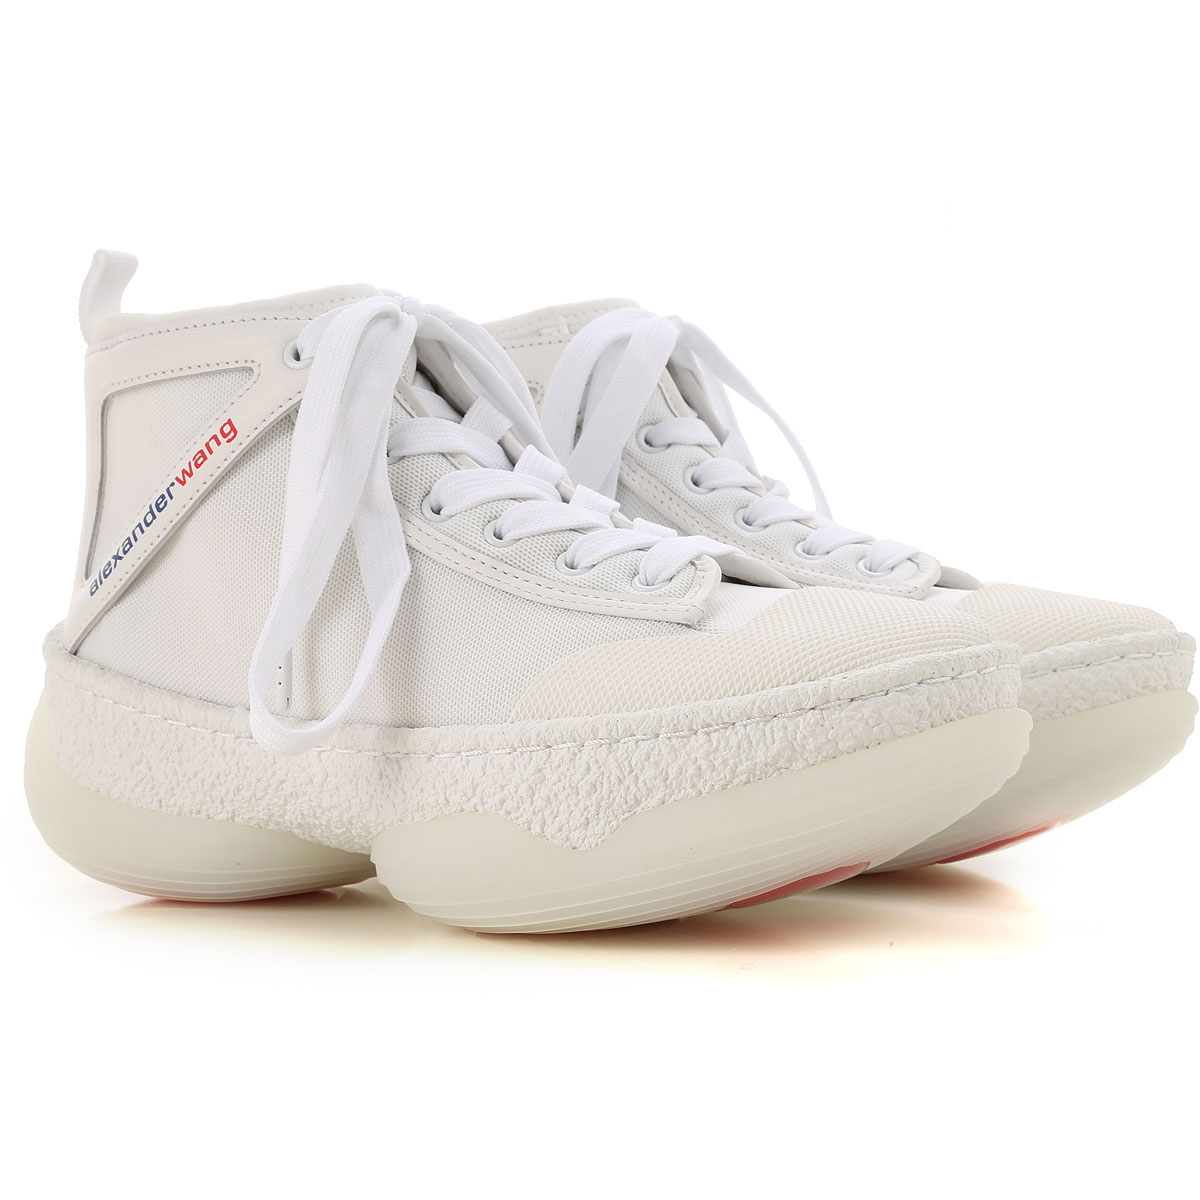 Alexander Wang Sneaker Femme, Blanc, Tissu, 2017, 36 37 38 39 40